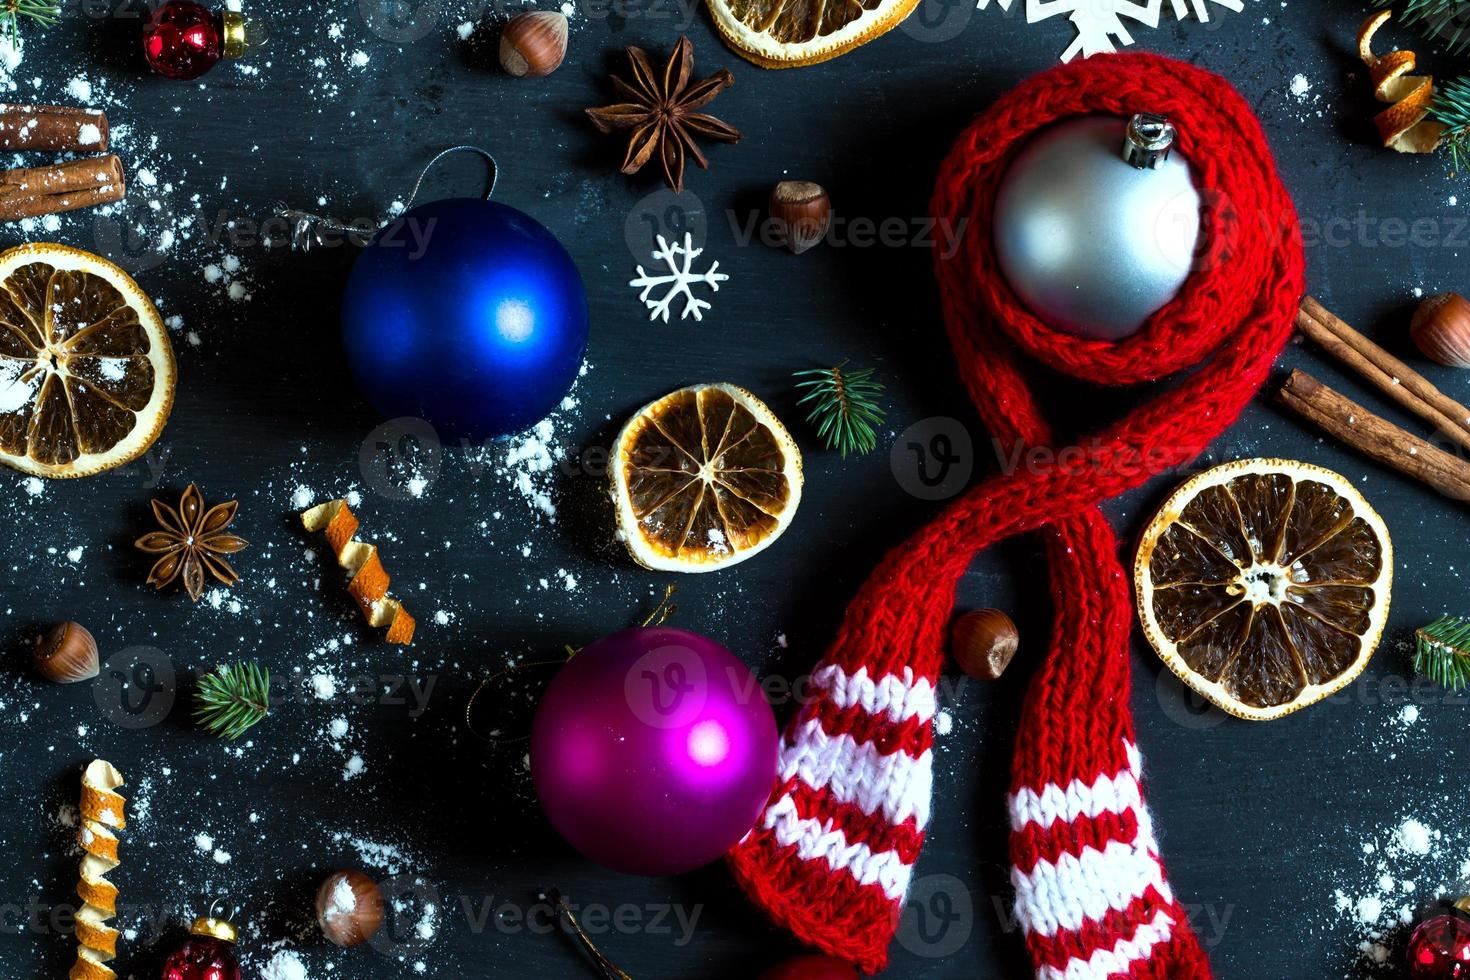 fond avec des boules, des flocons de neige et des oranges. photo